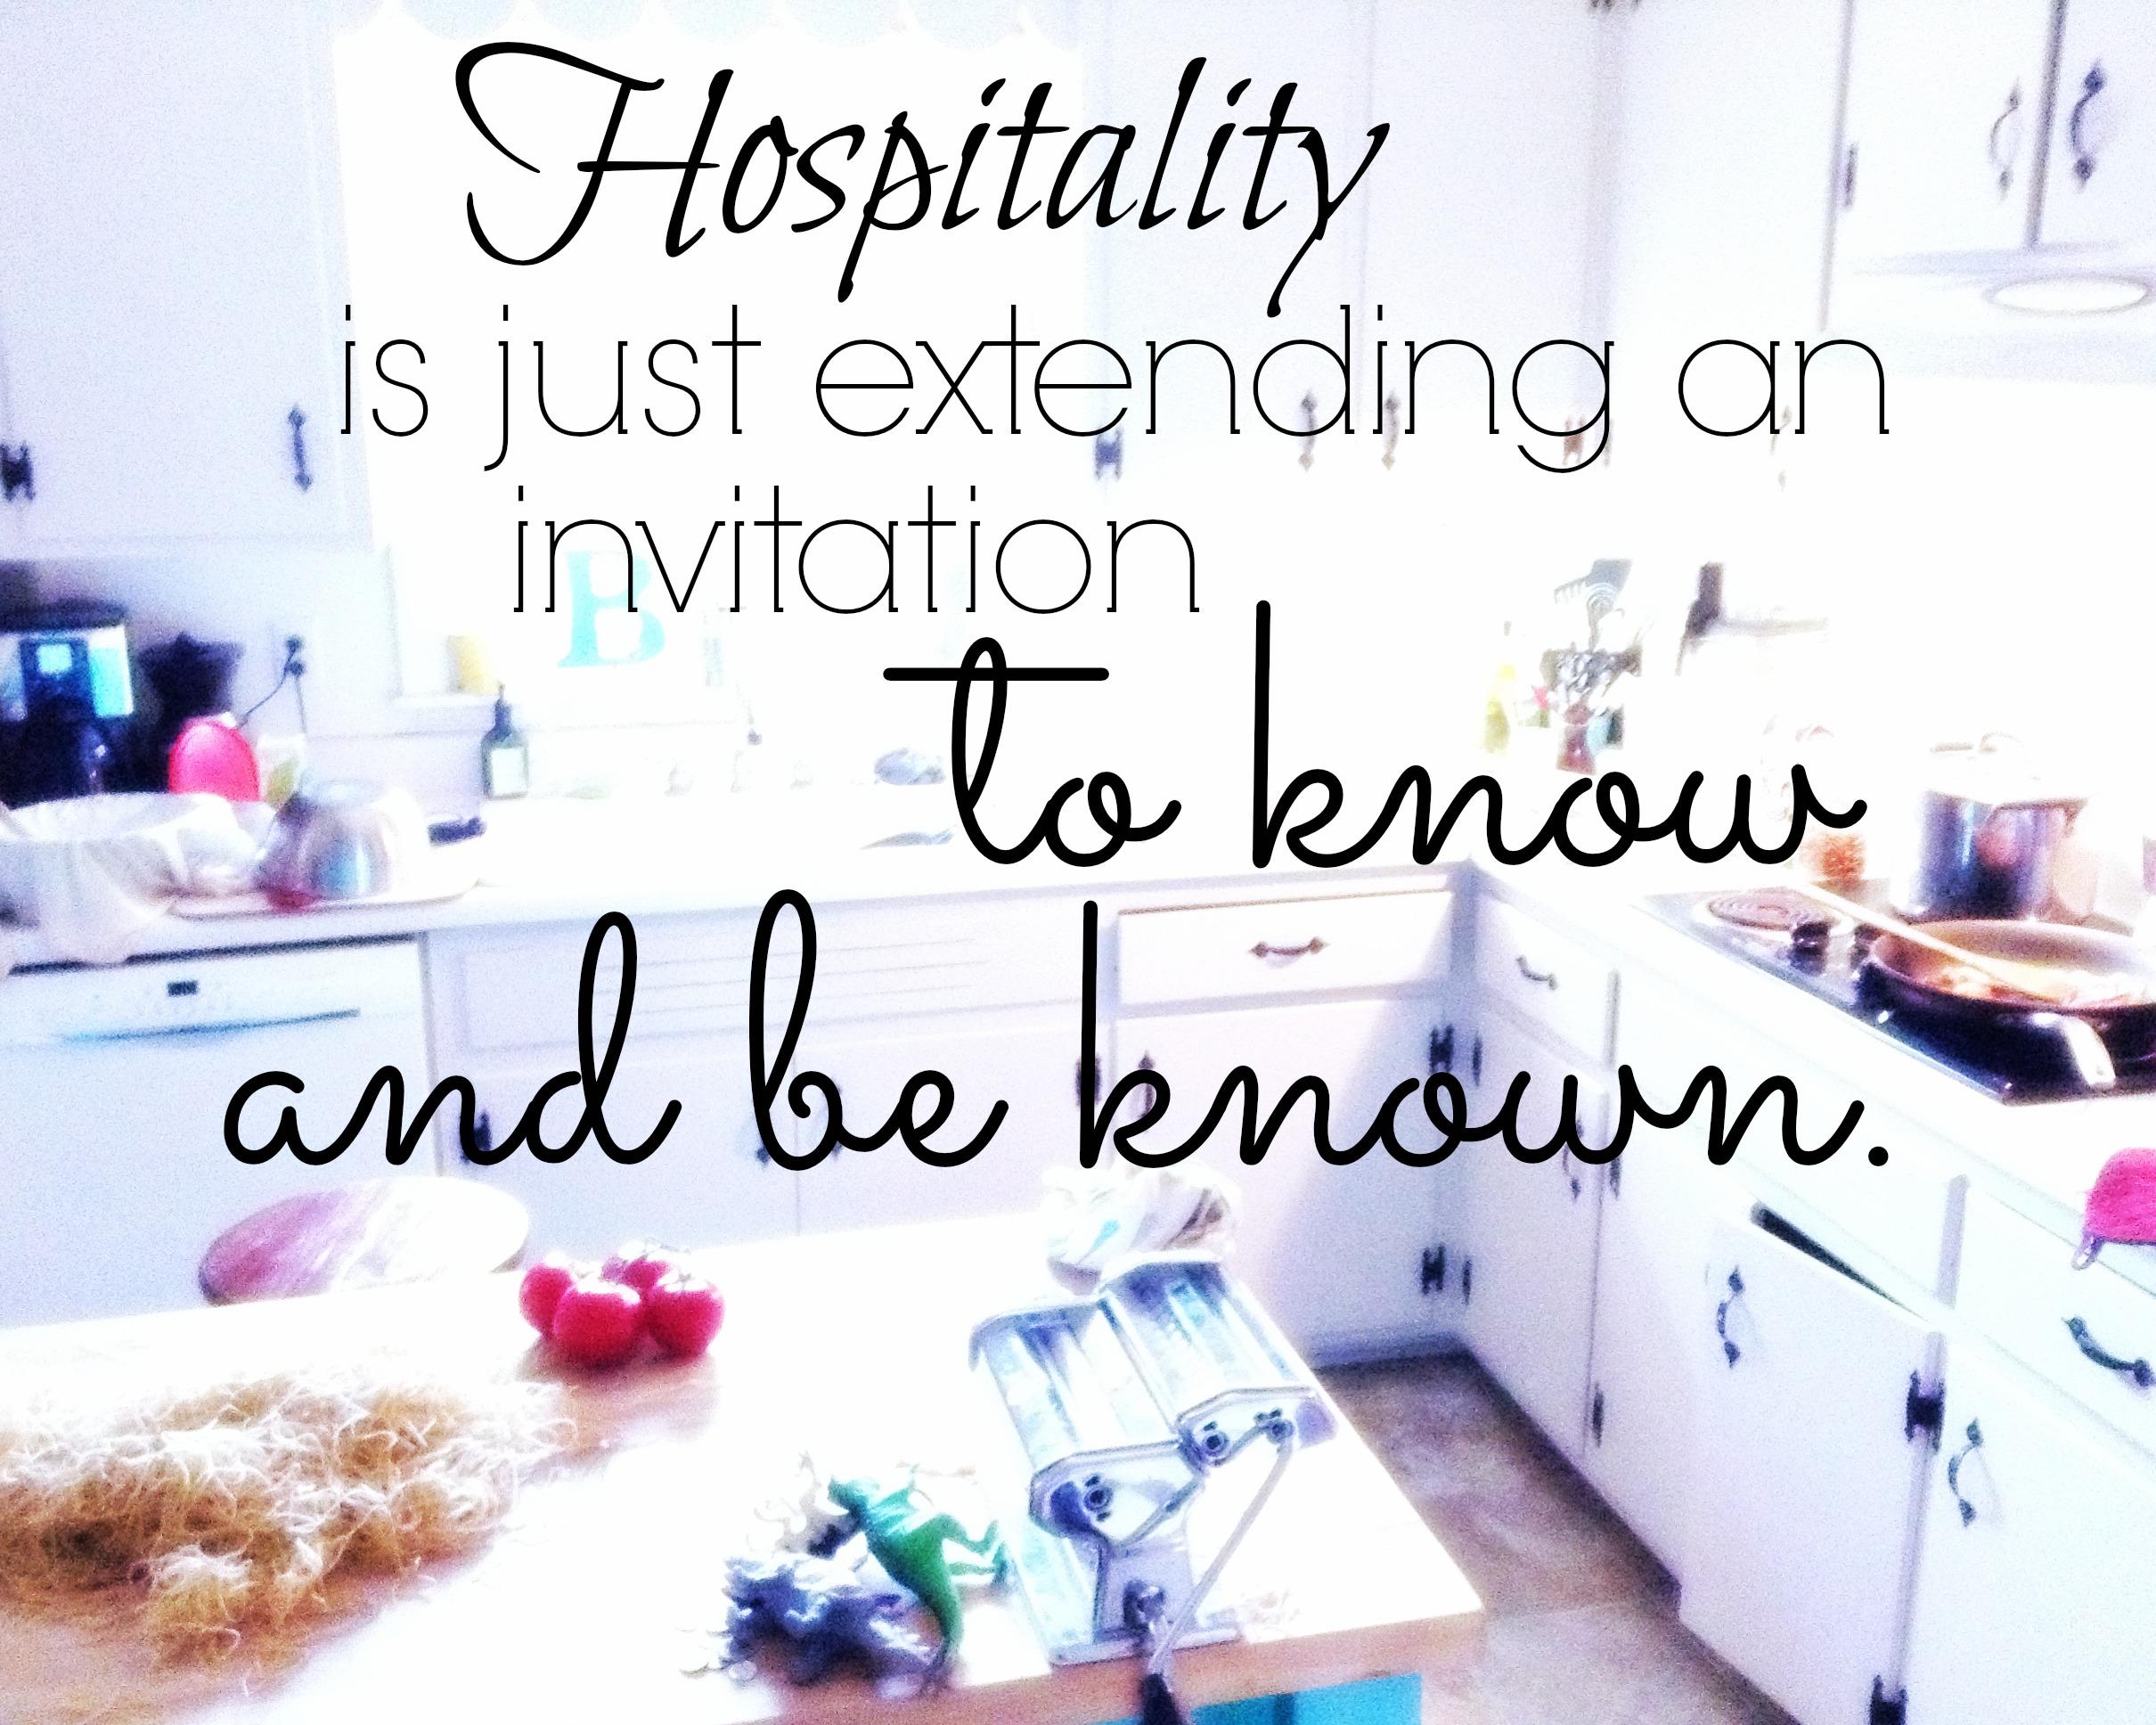 Risky Hospitality